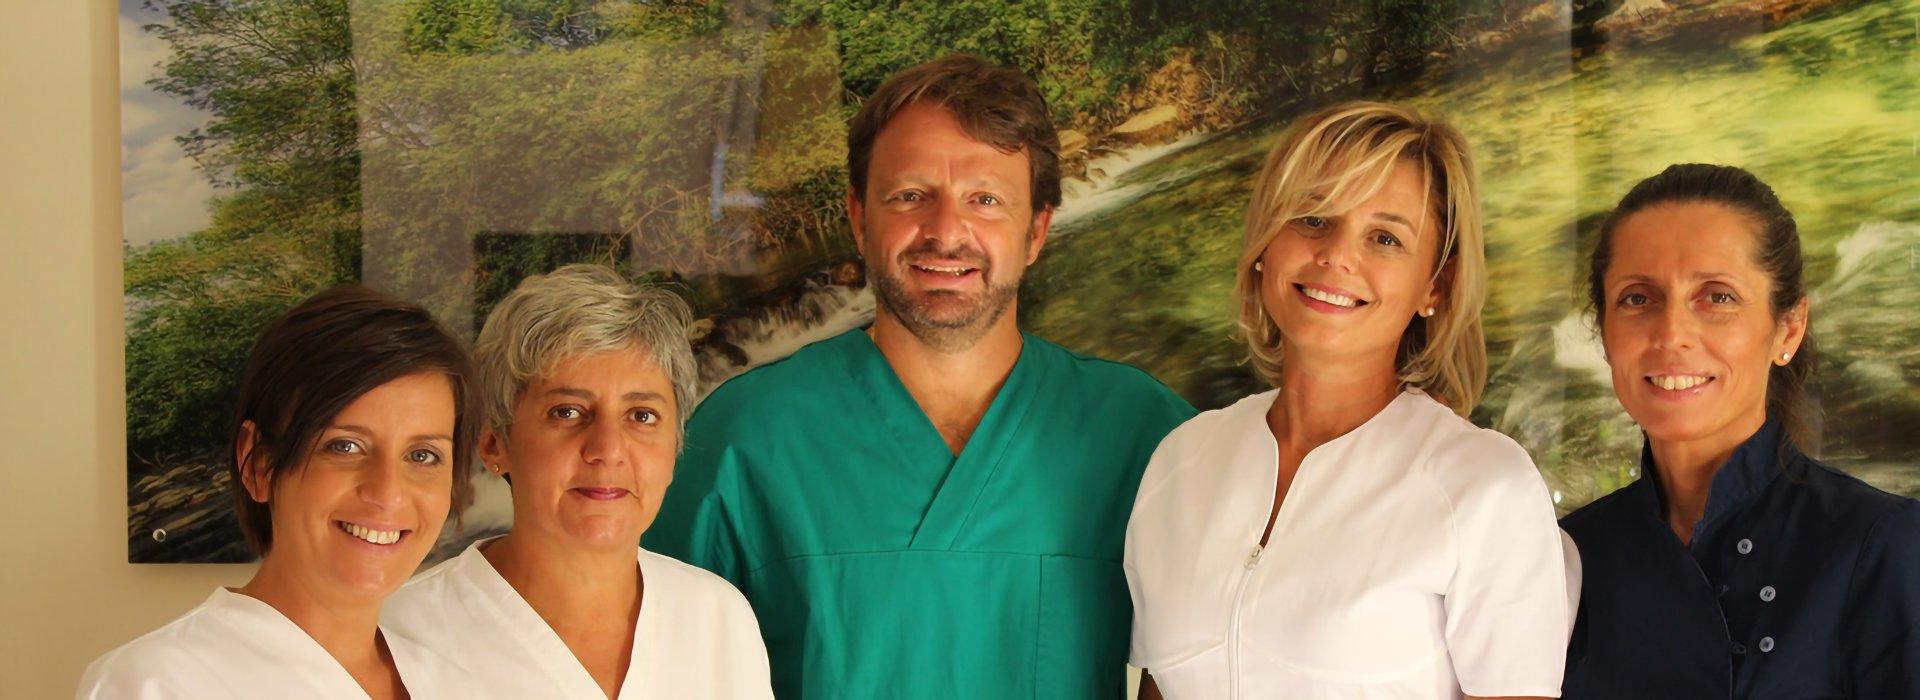 studio dentistico orbetello - Home2